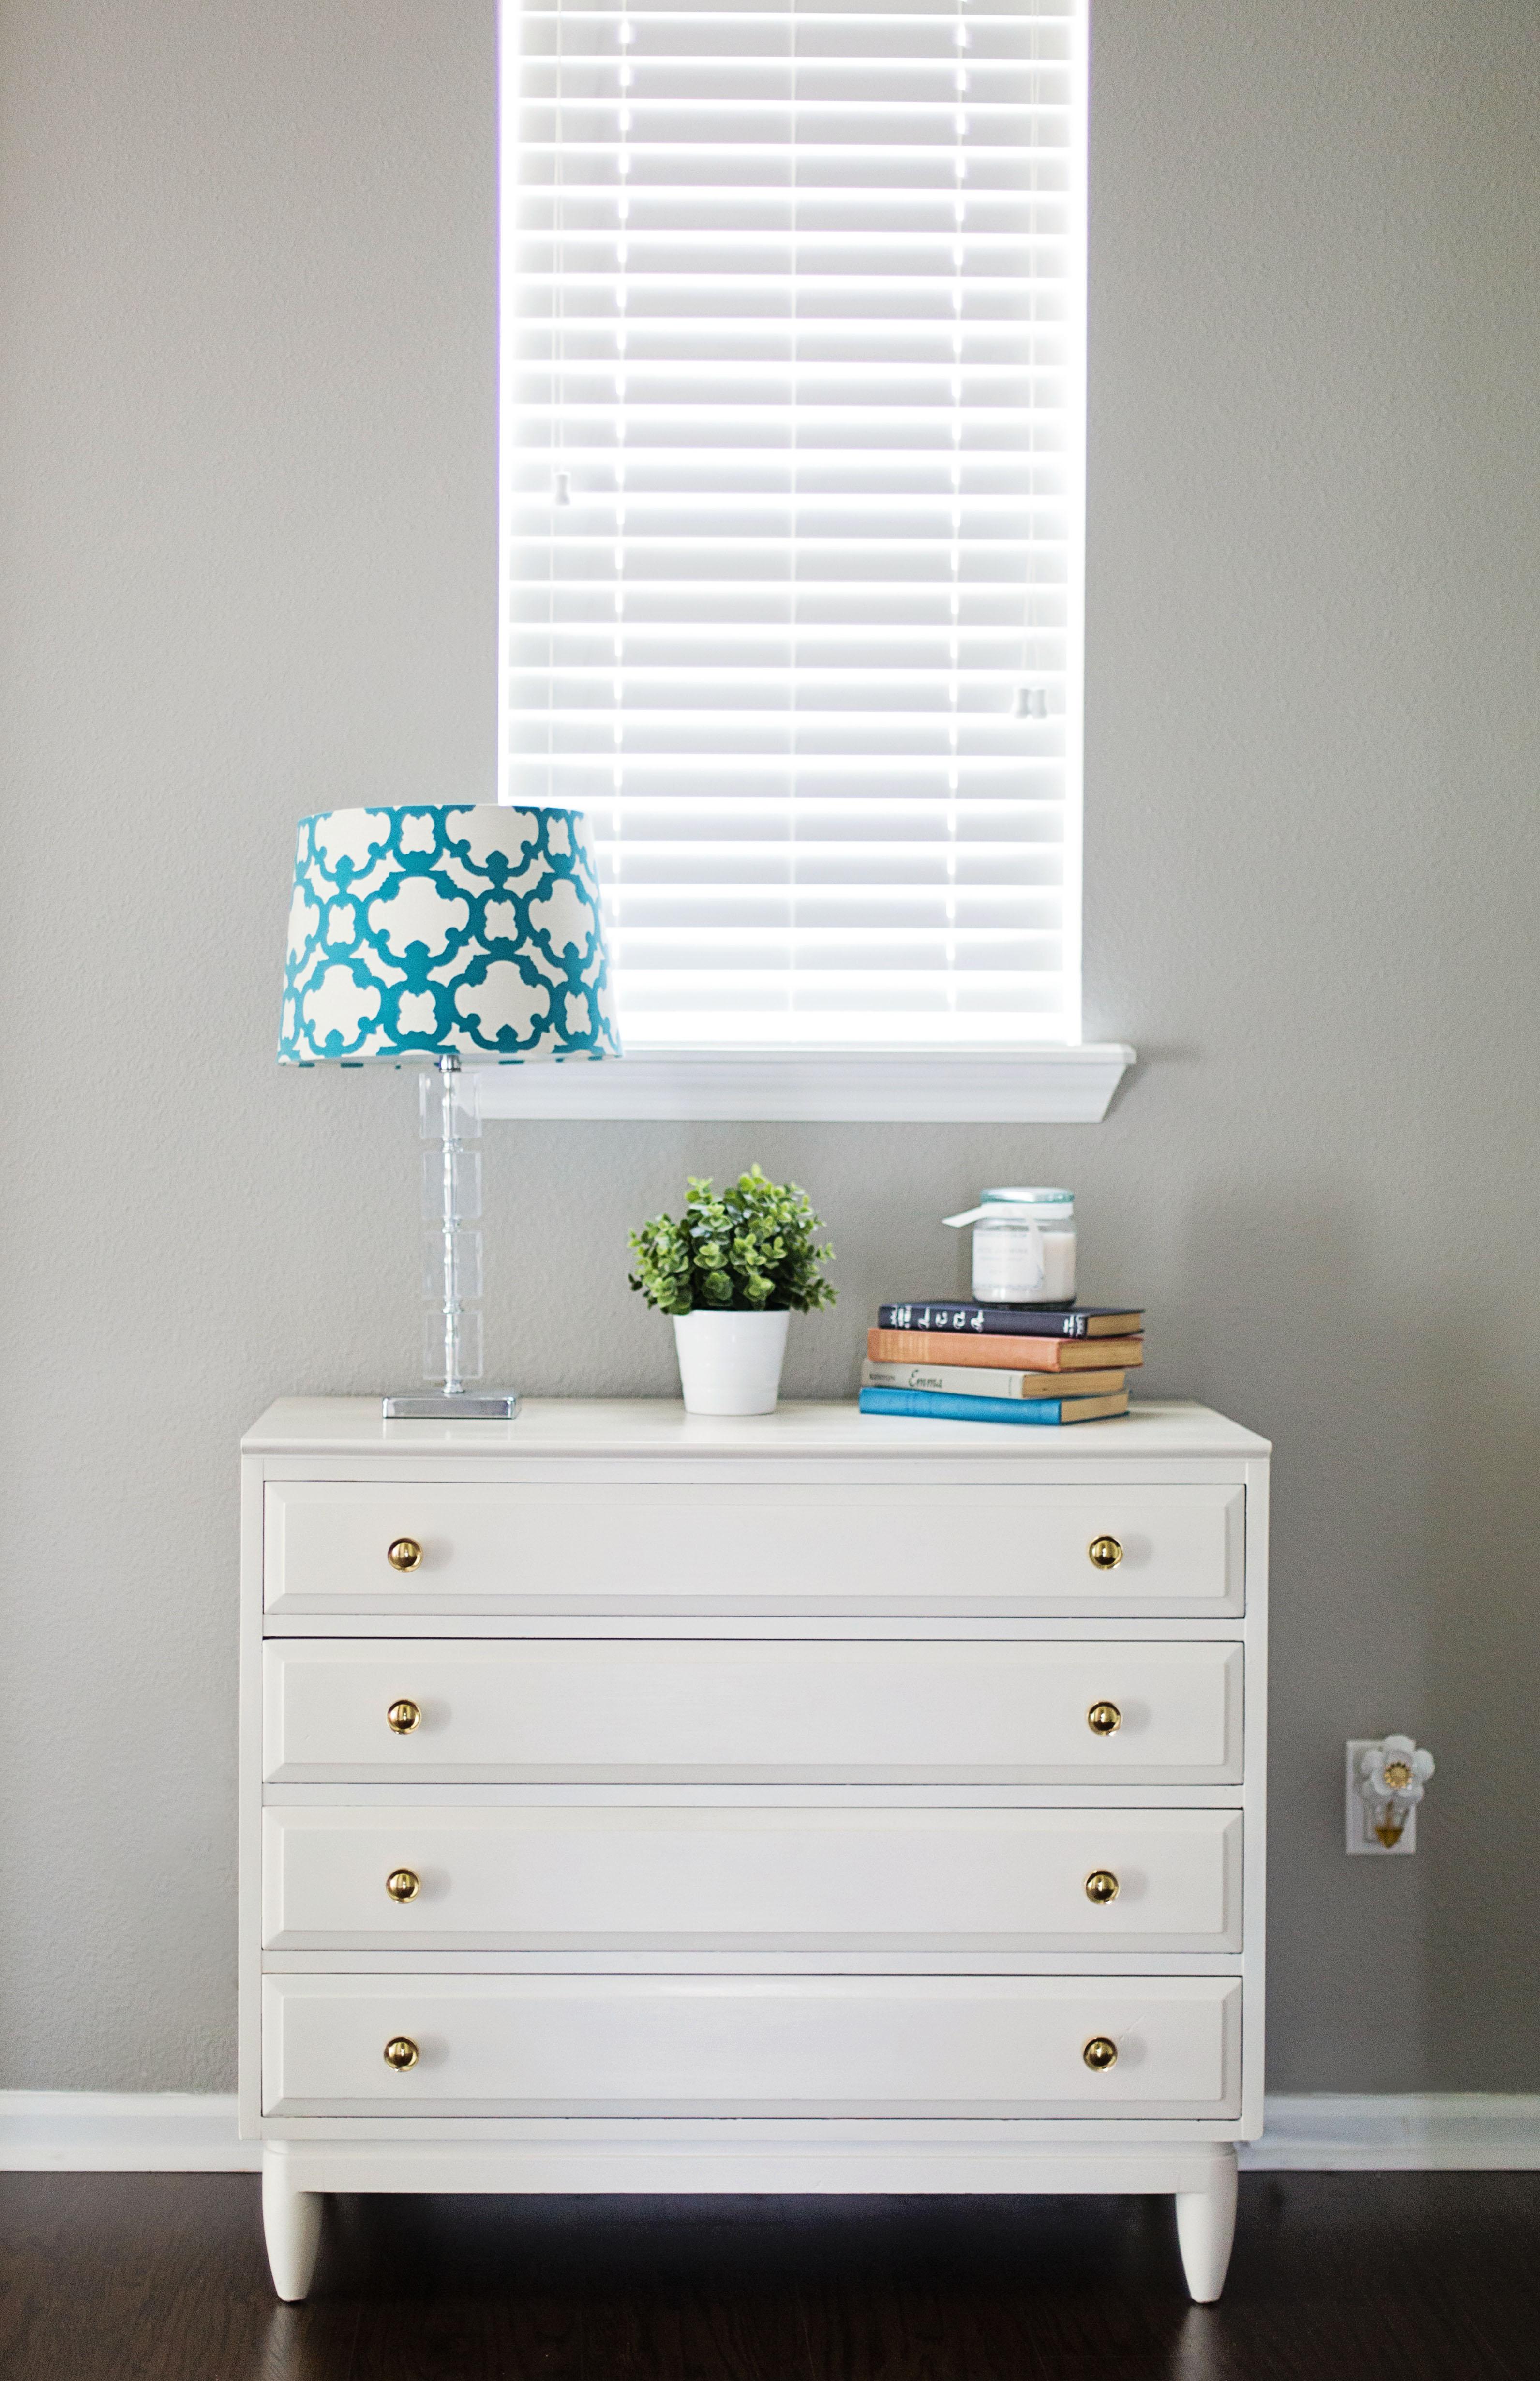 diy white dresser makeover tutorial. Black Bedroom Furniture Sets. Home Design Ideas